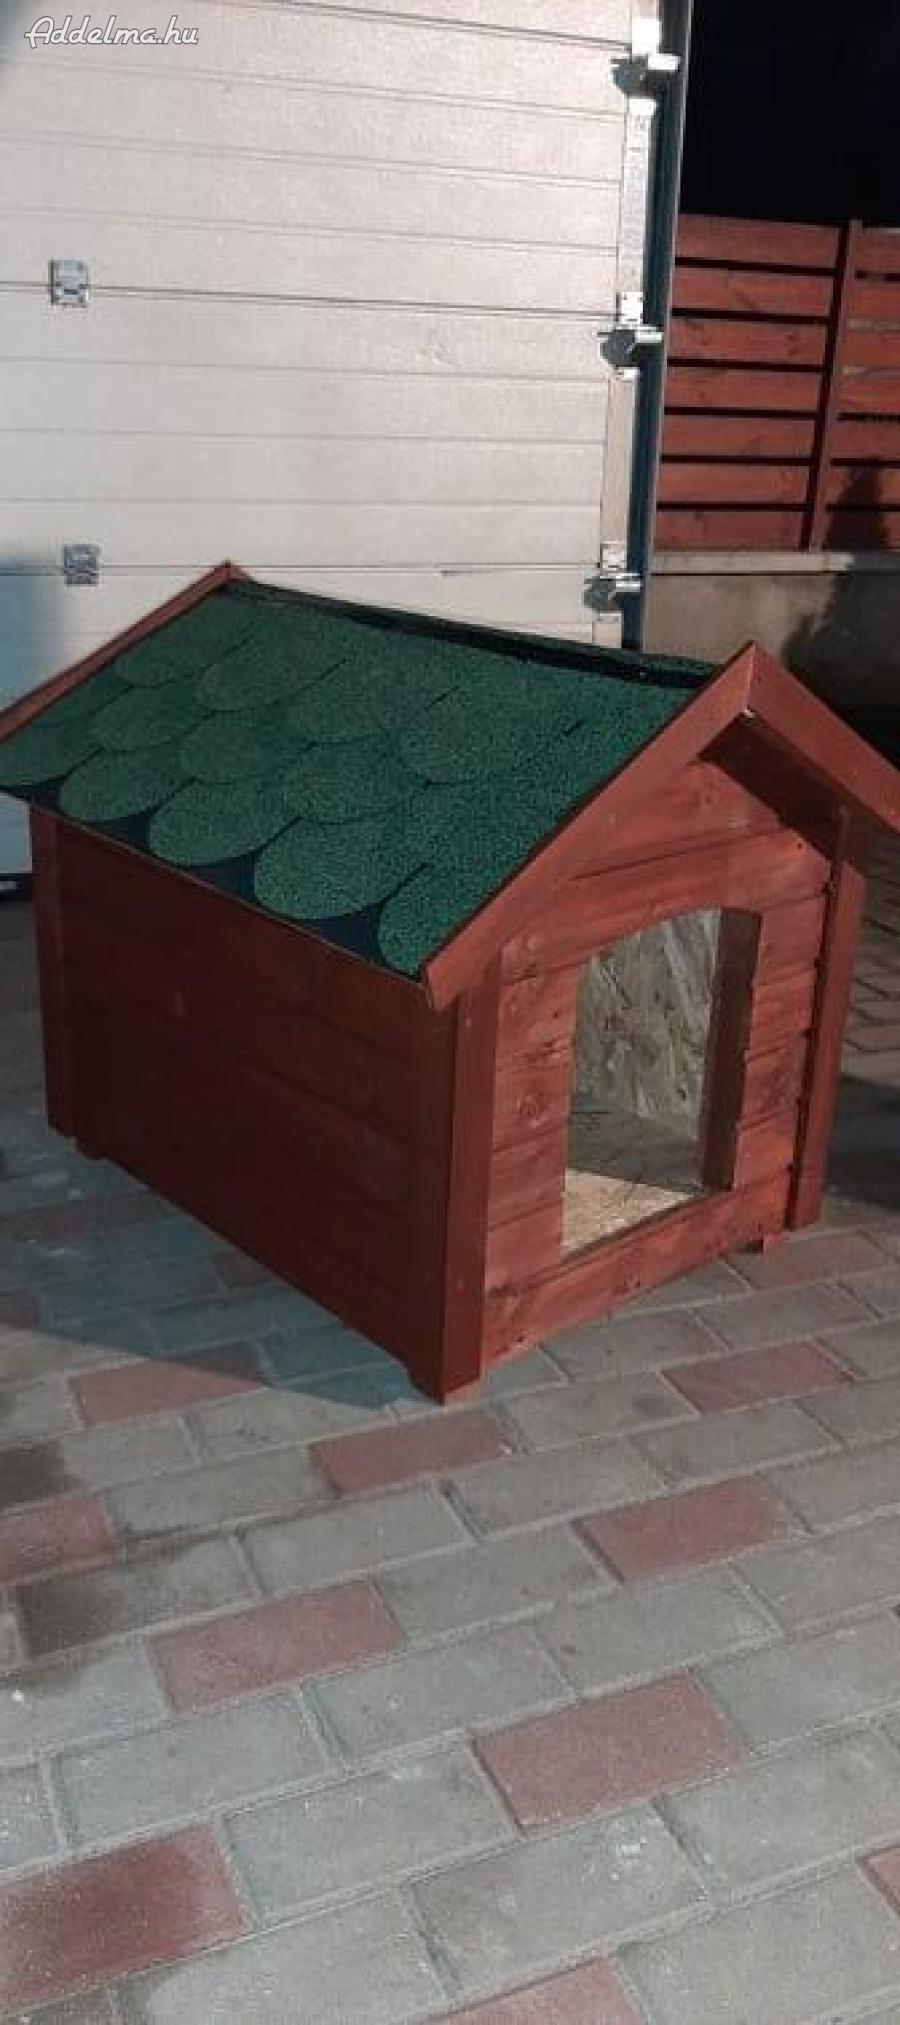 Eladó kutyaház